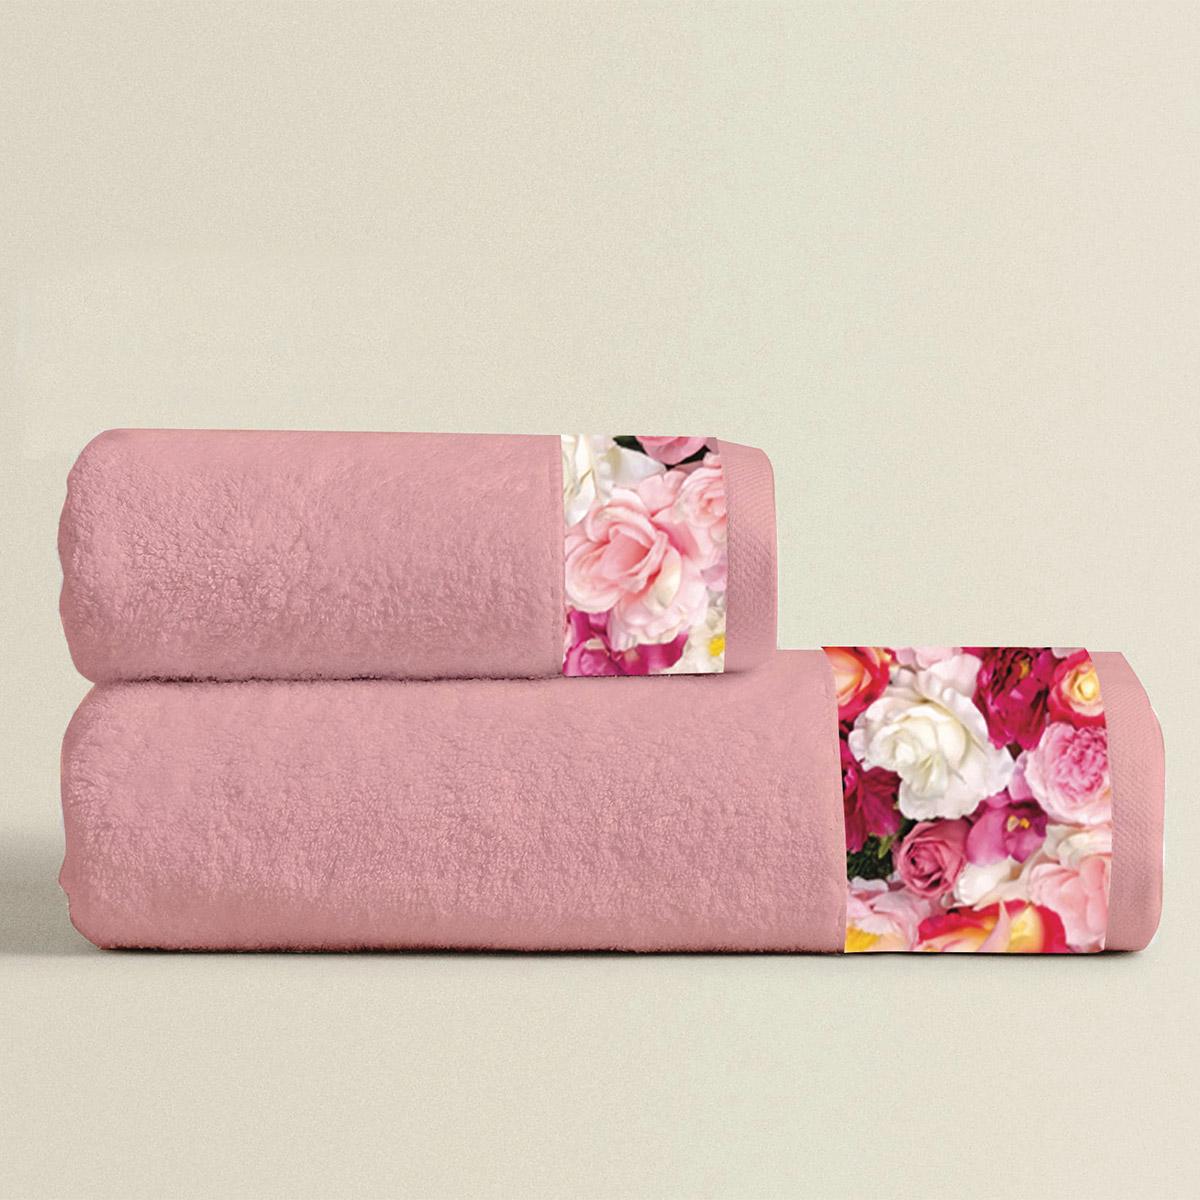 Πετσέτες Μπάνιου (Σετ 3τμχ) Makis Tselios Flowers